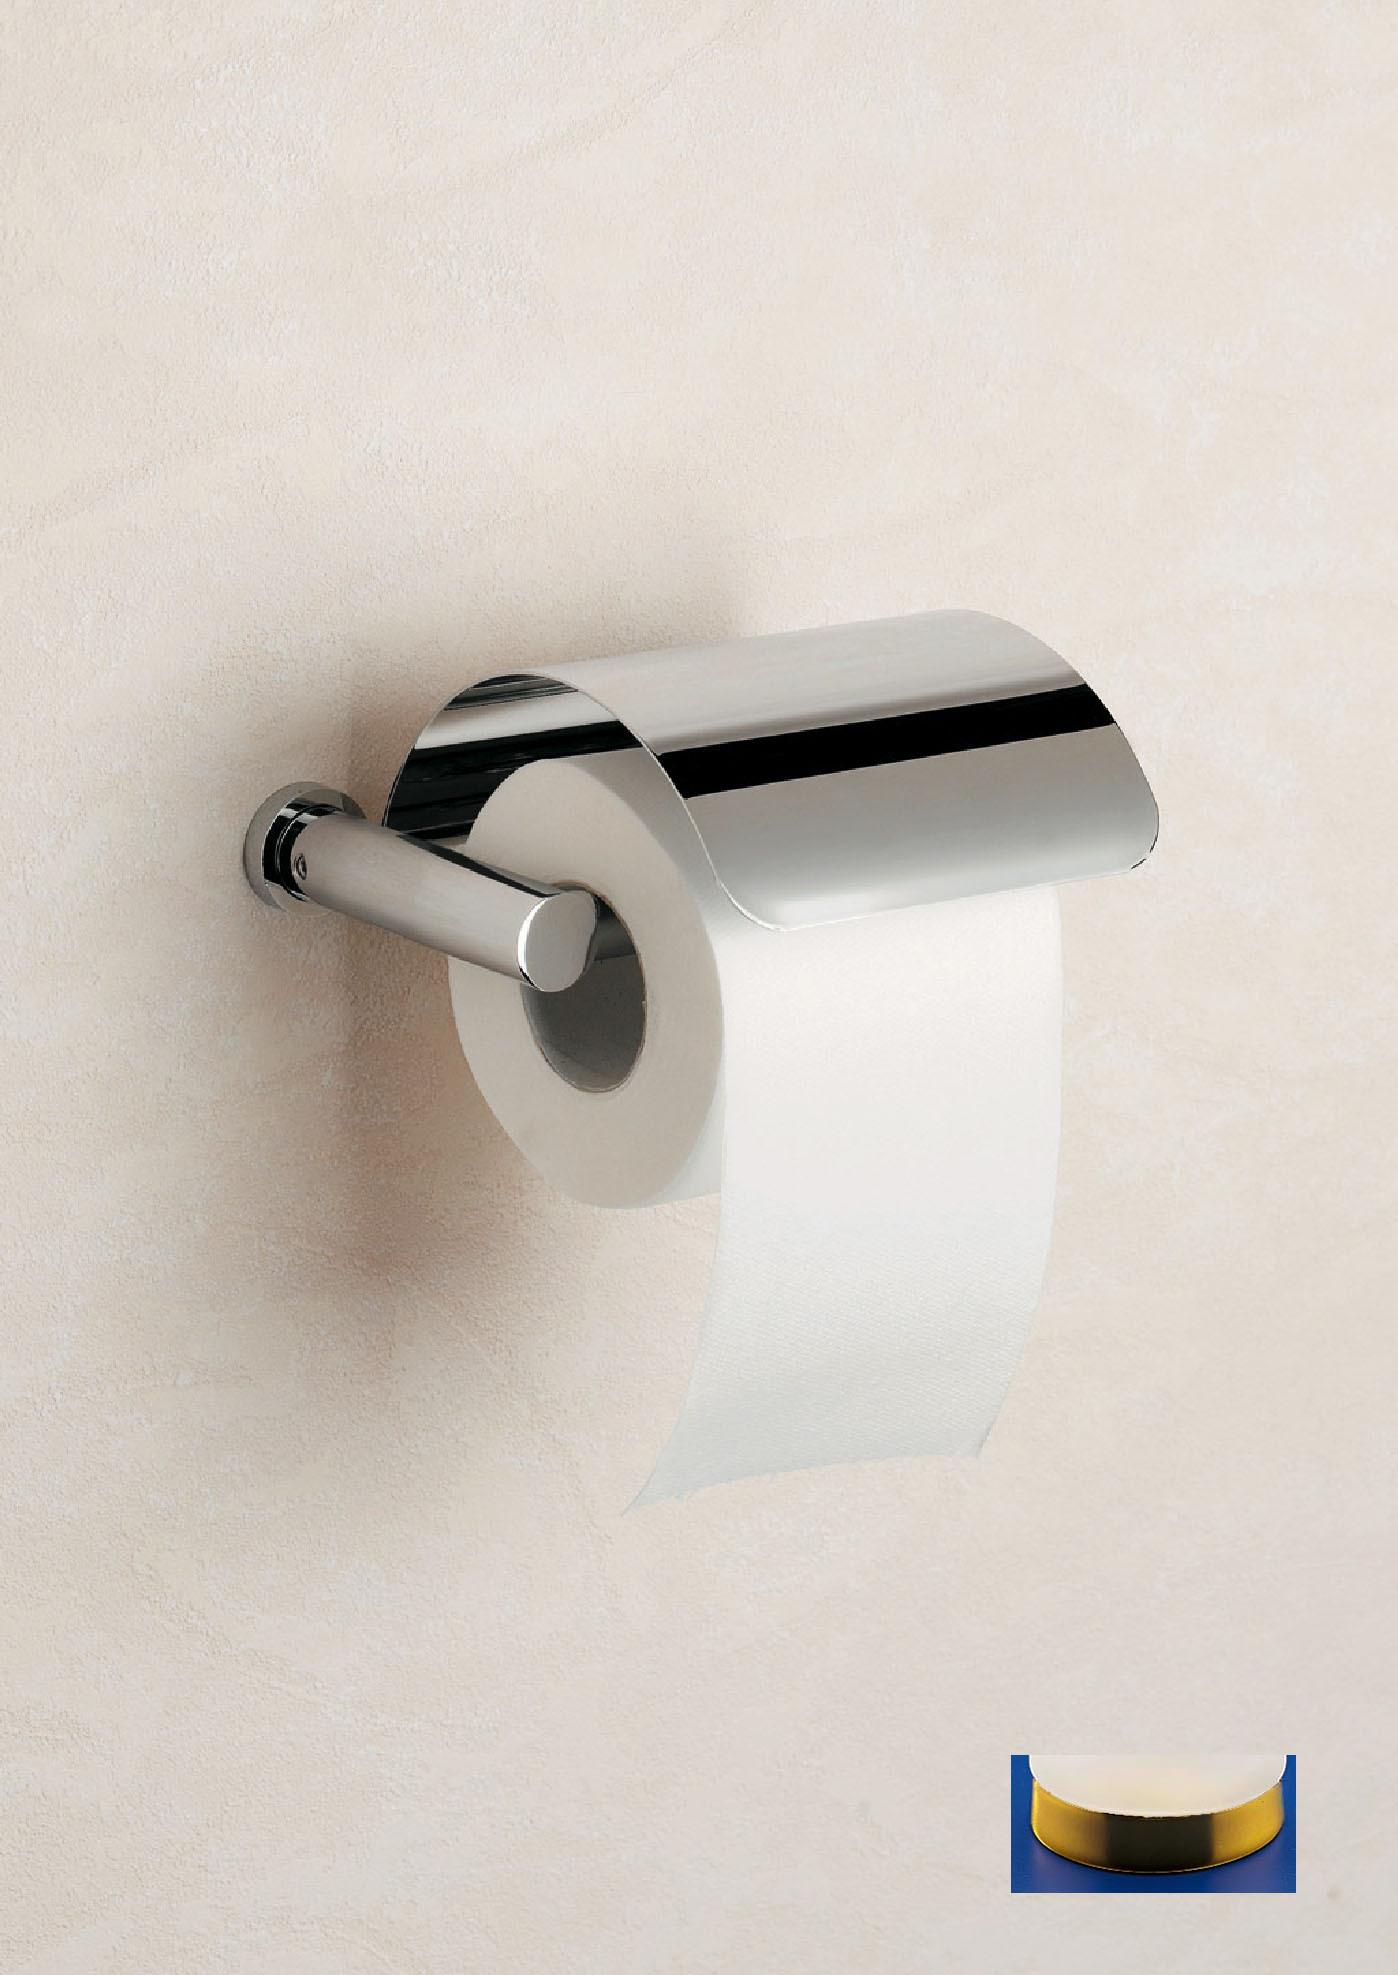 Держатели Держатель туалетной бумаги с крышкой Windisch 85451OV Plain derzhatel-tualetnoy-bumagi-s-kryshkoy-85451ov-plain-ot-windisch-ispaniya.jpg